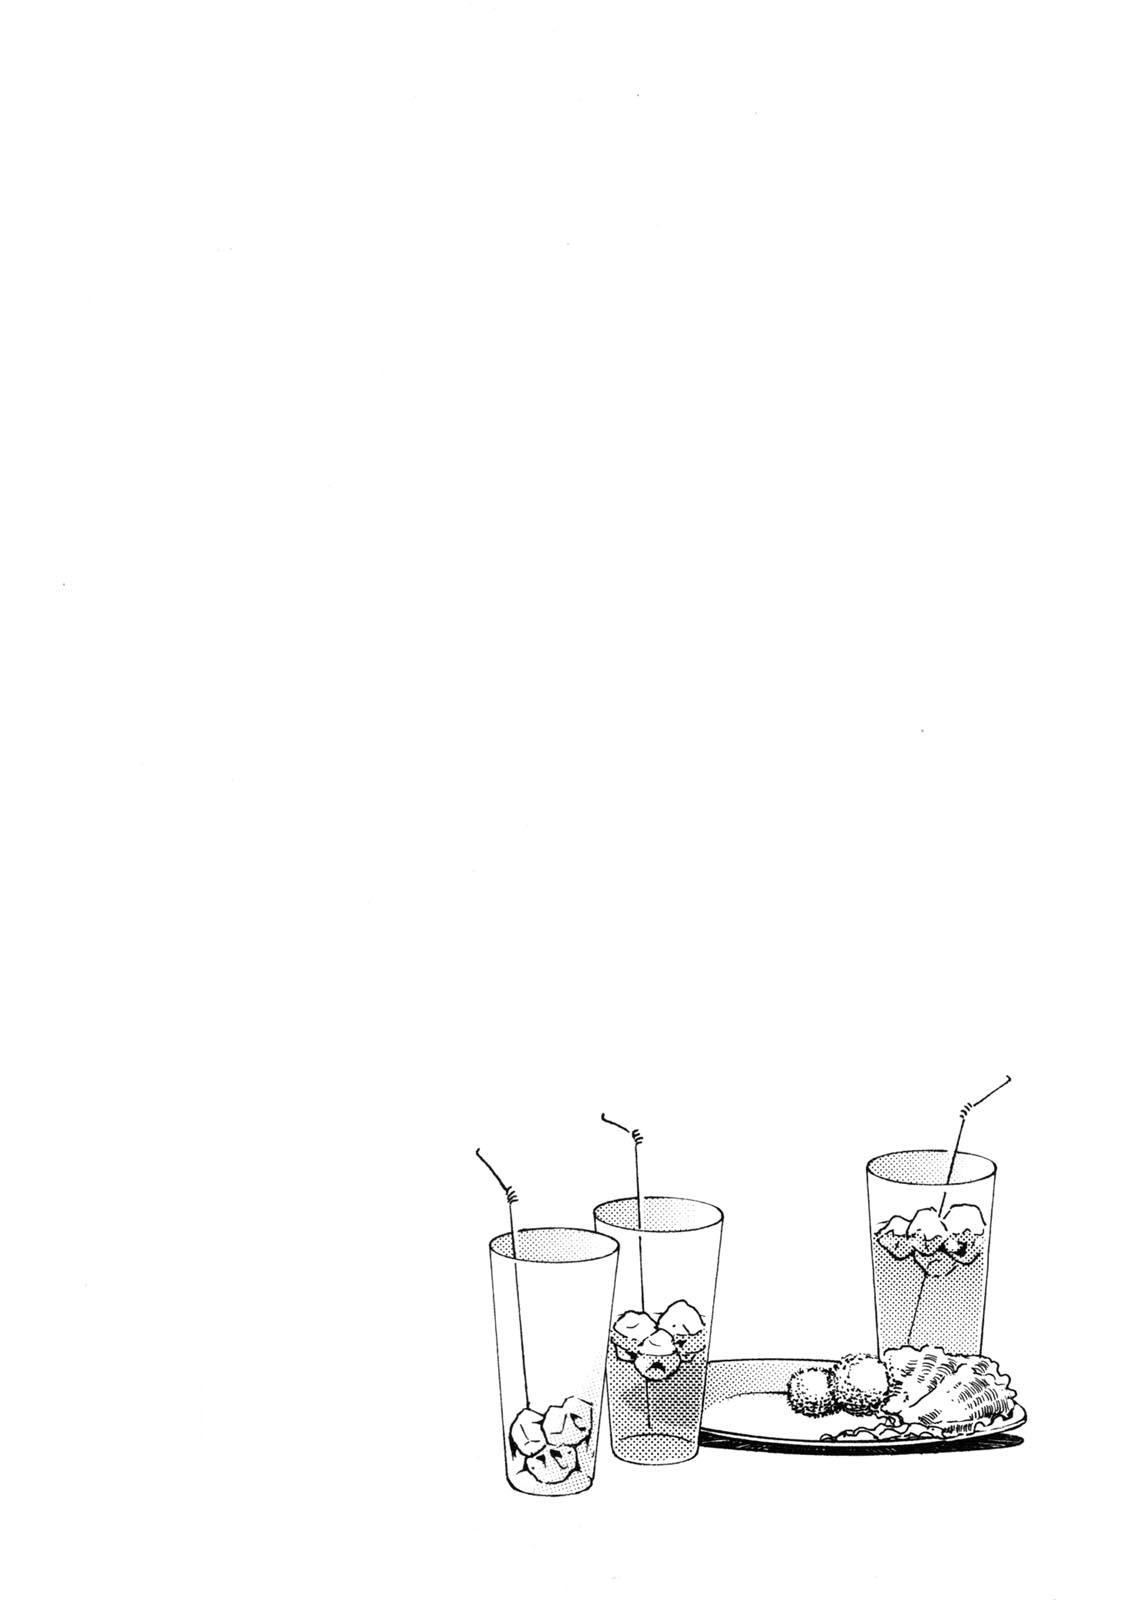 [Ayasaka Mitsune] Net Off-kai | Net-Off Party (Hikikomori na Kanojo to ×××suru Houhou) [English] [slimppy] 20